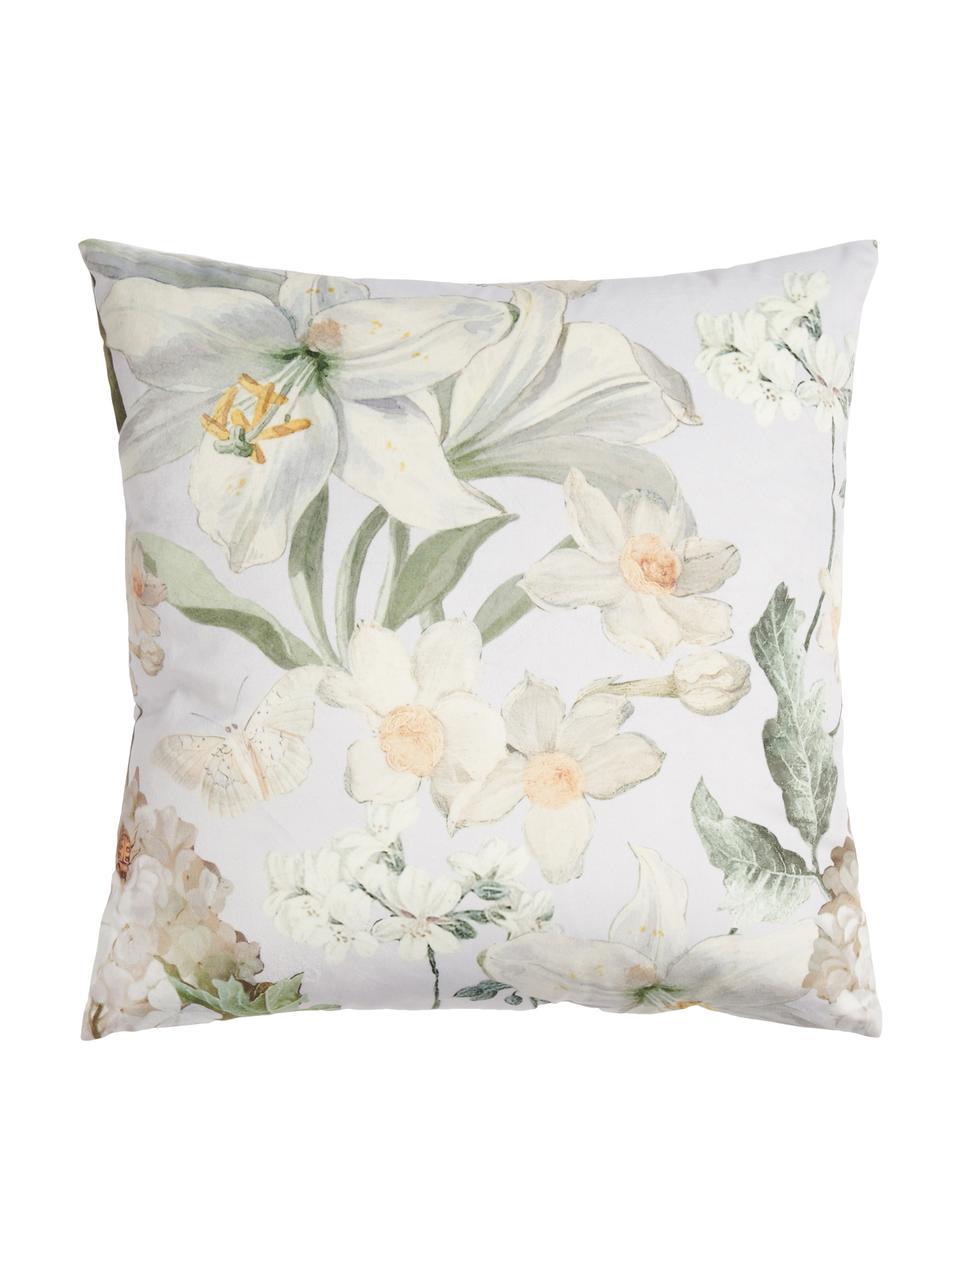 Fluwelen kussen Rosalee met bloemenpatroon, met vulling, Polyester fluweel, Lichtgrijs, wit, beige- en groentinten, 50 x 50 cm